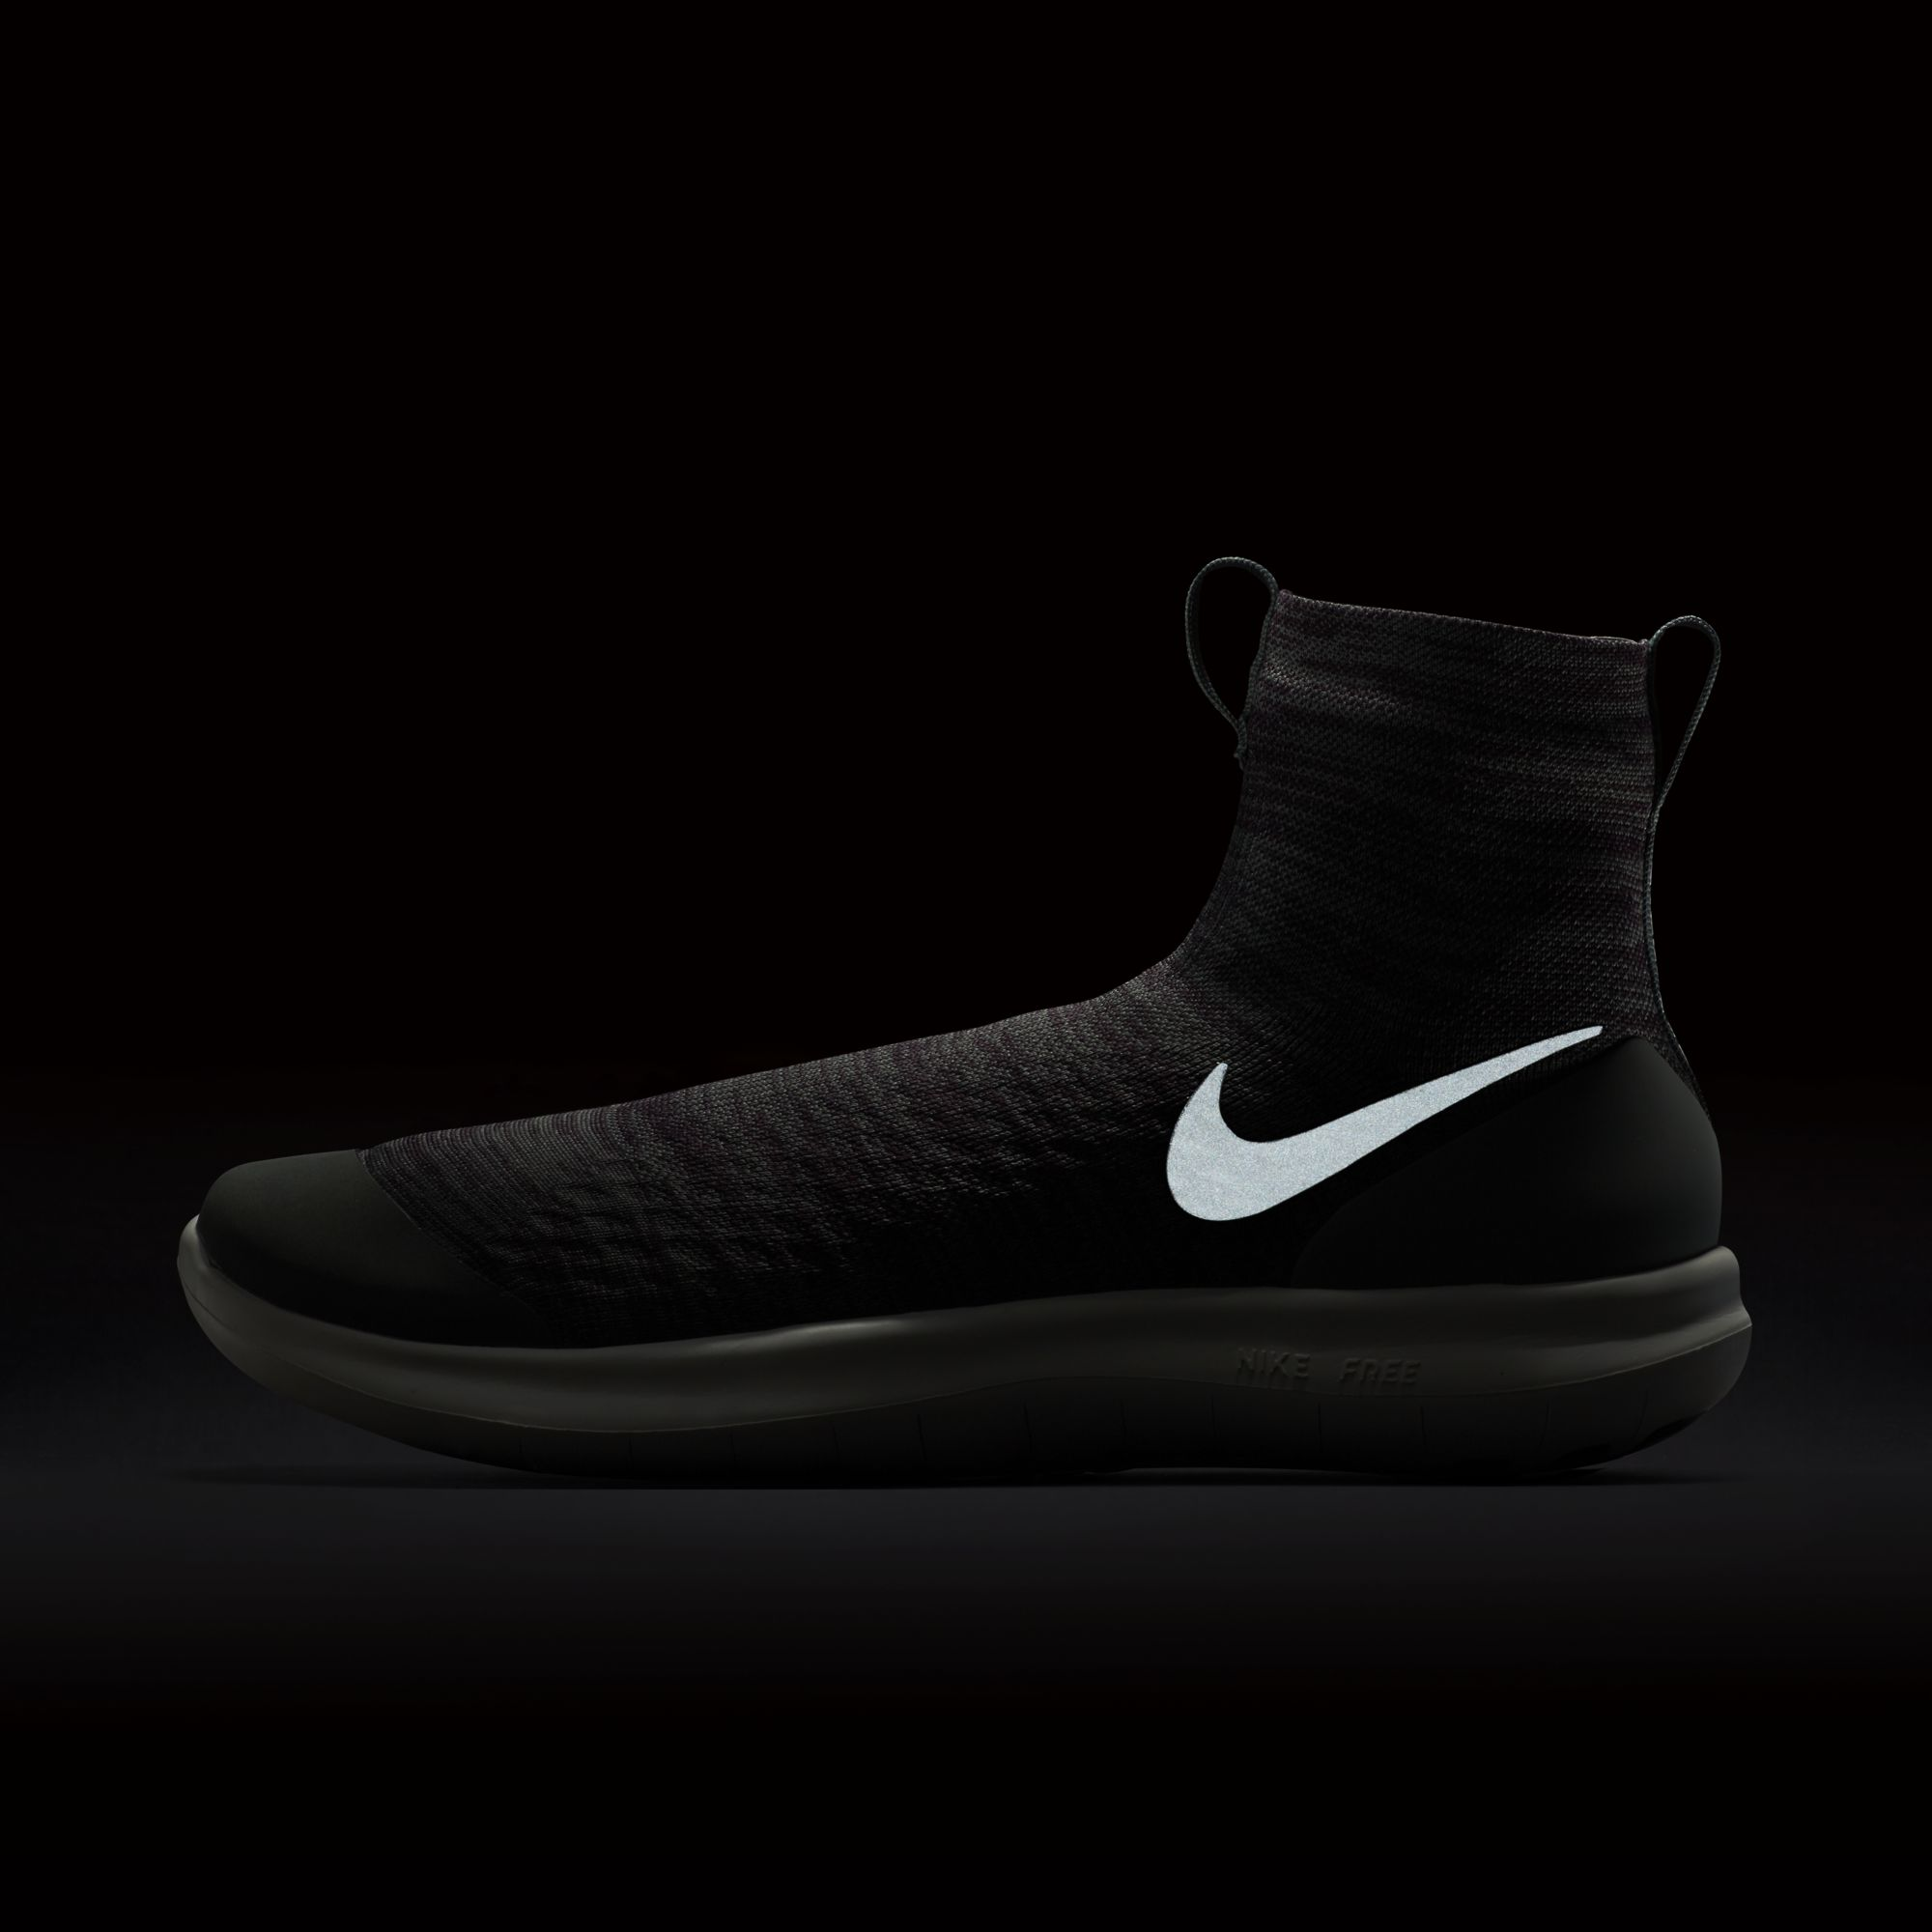 d005ccd576c91 nike vapor max men s shoes